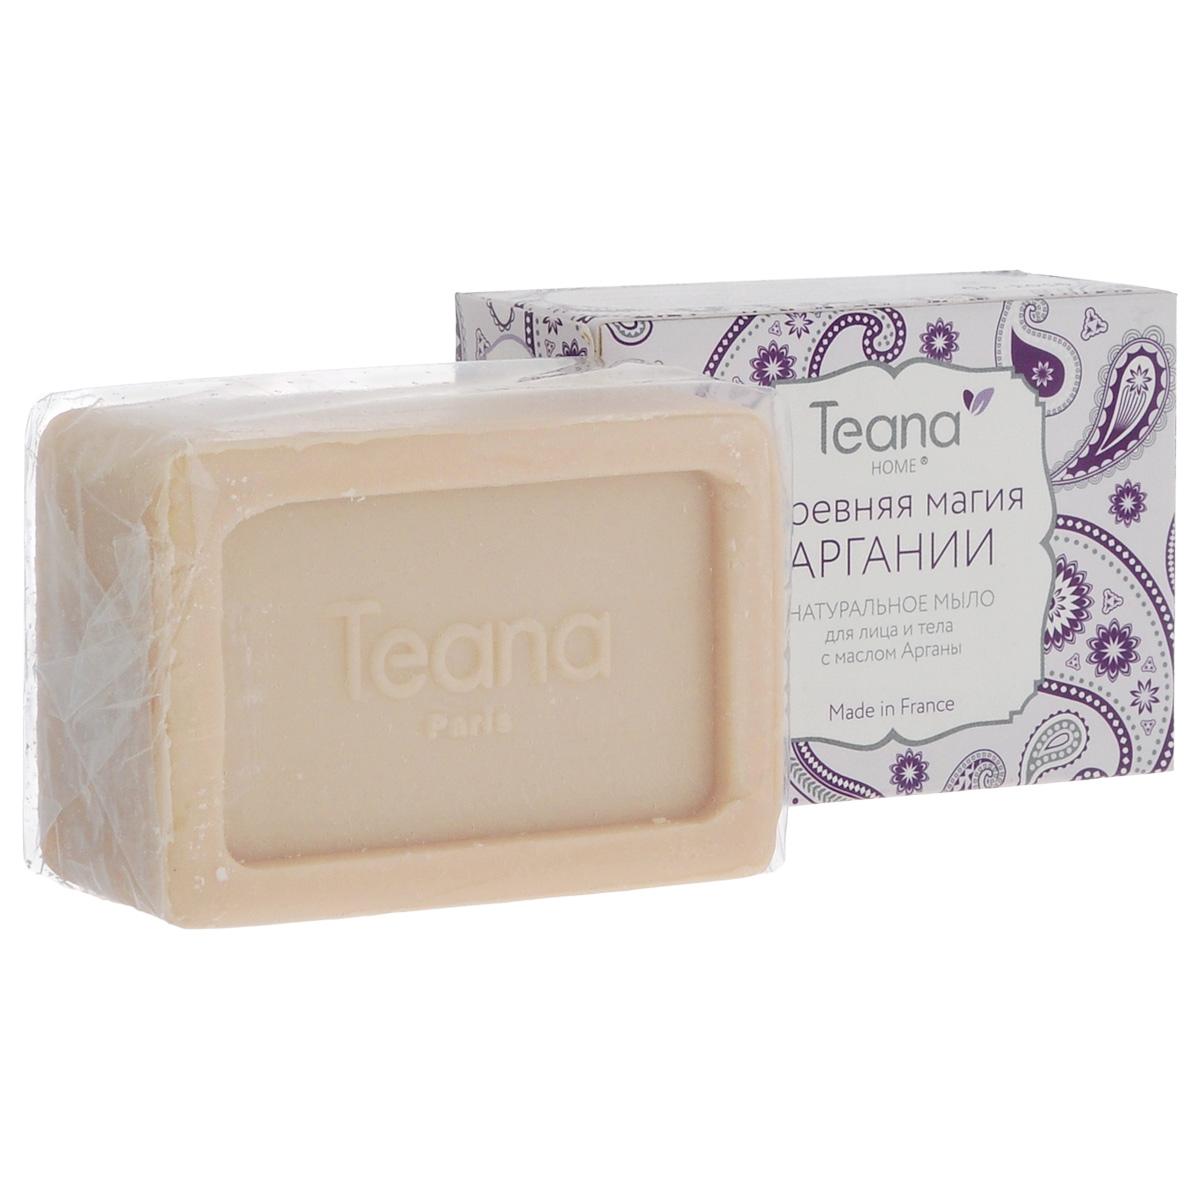 Teana Натуральное мыло для лица и тела Древняя магия Аргании, для сухой и чувствительной кожи, с маслом Арганы , 100 г